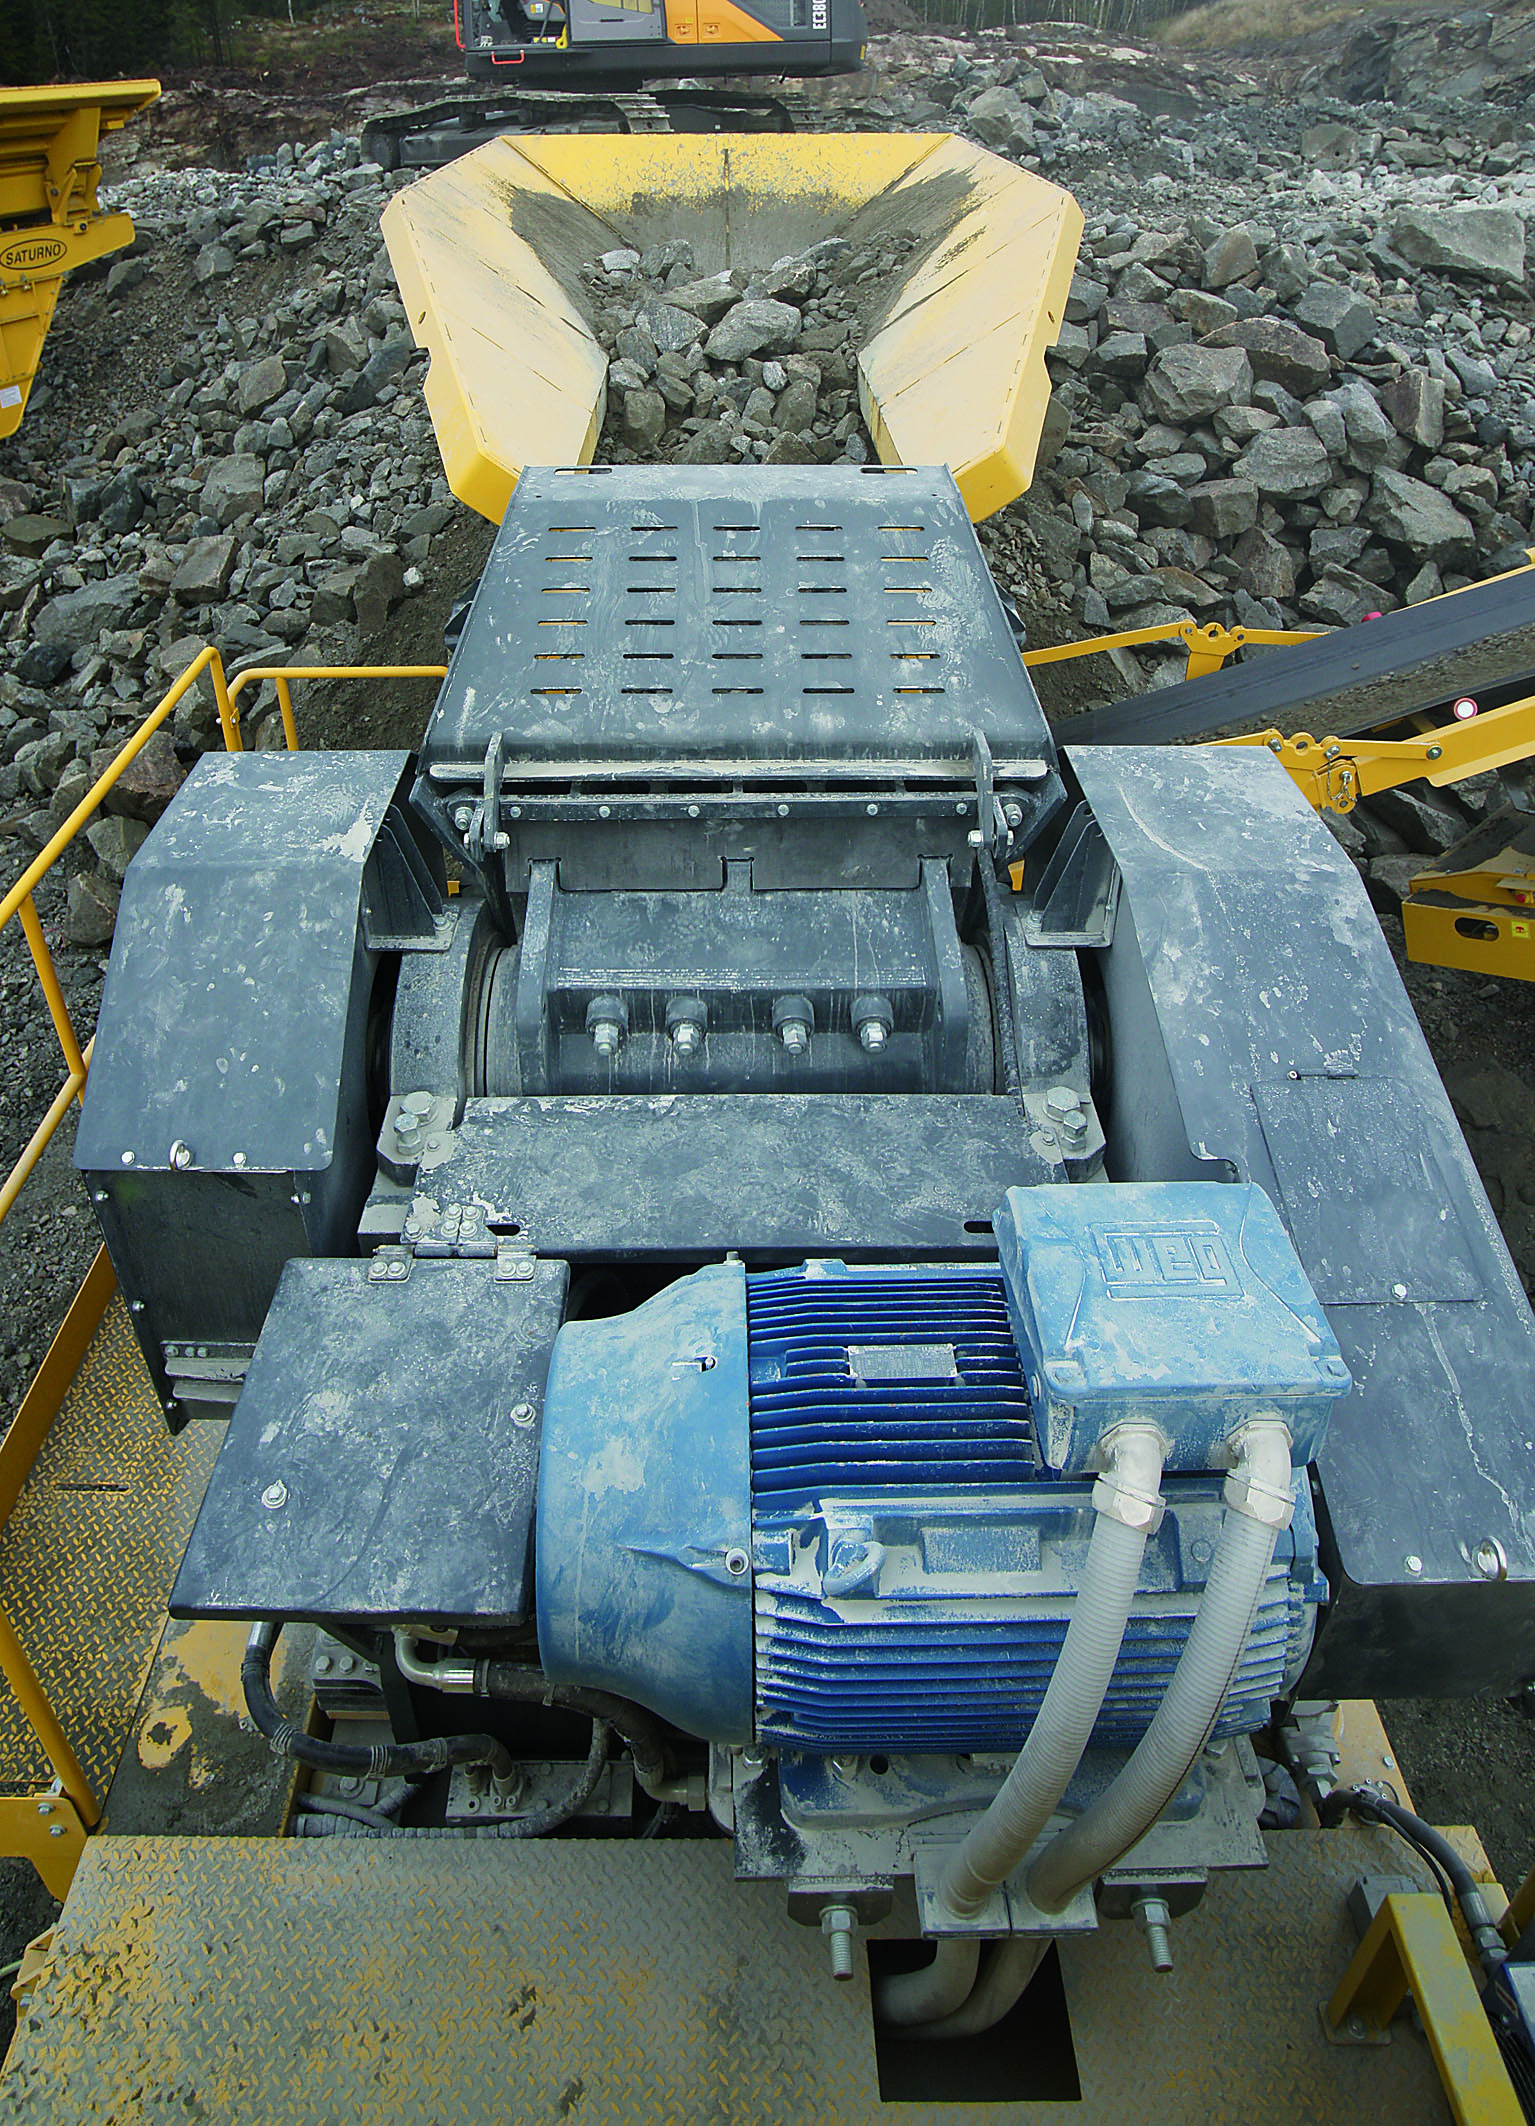 Der 1100x700-Backenbrecher des Keestrack B4e wird von einem 110 kW-Elektromotor angetrieben. Abbildungen: Keestrack